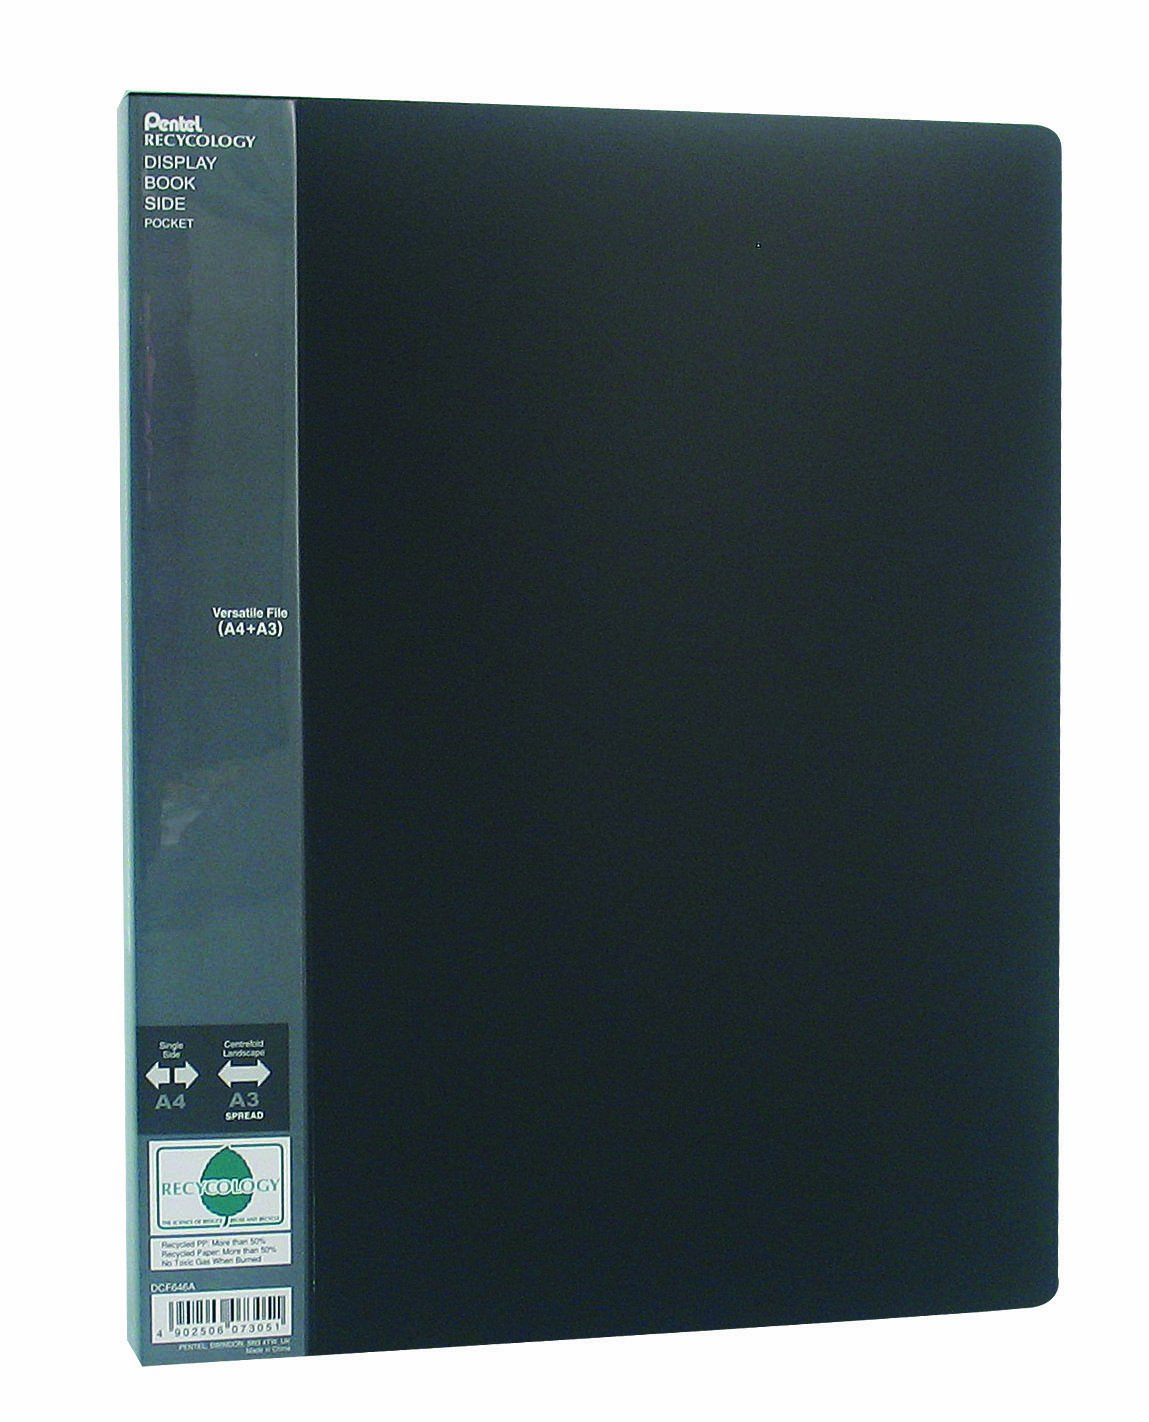 Pentel DCF646A - Raccoglitore per presentazioni, formato A3/A4, 60 buste, nero